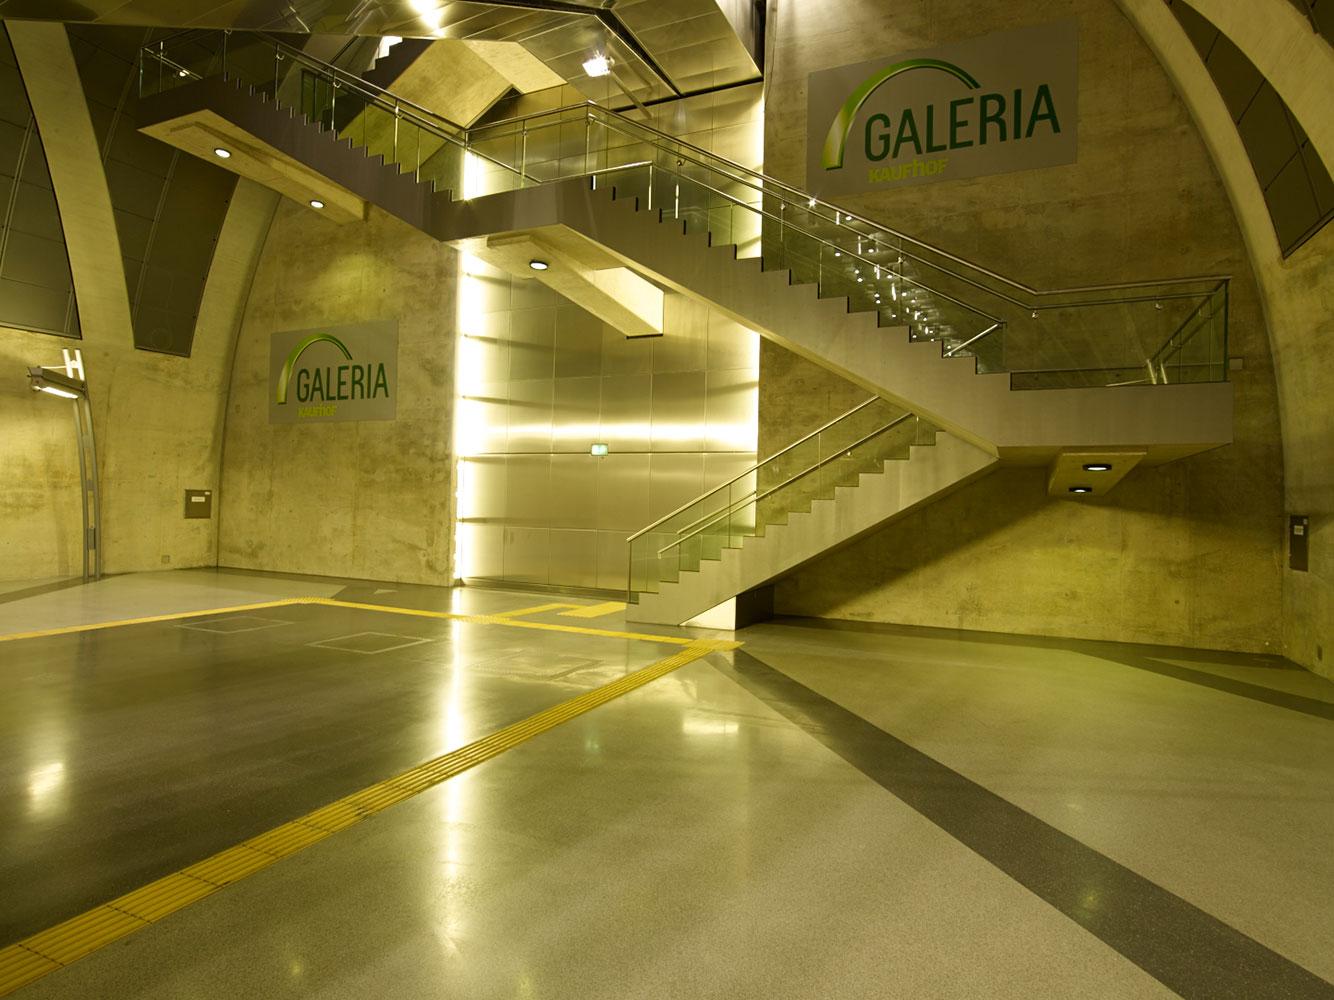 Treppenaufgang in der U-Bahn Haltestelle Heumarkt.